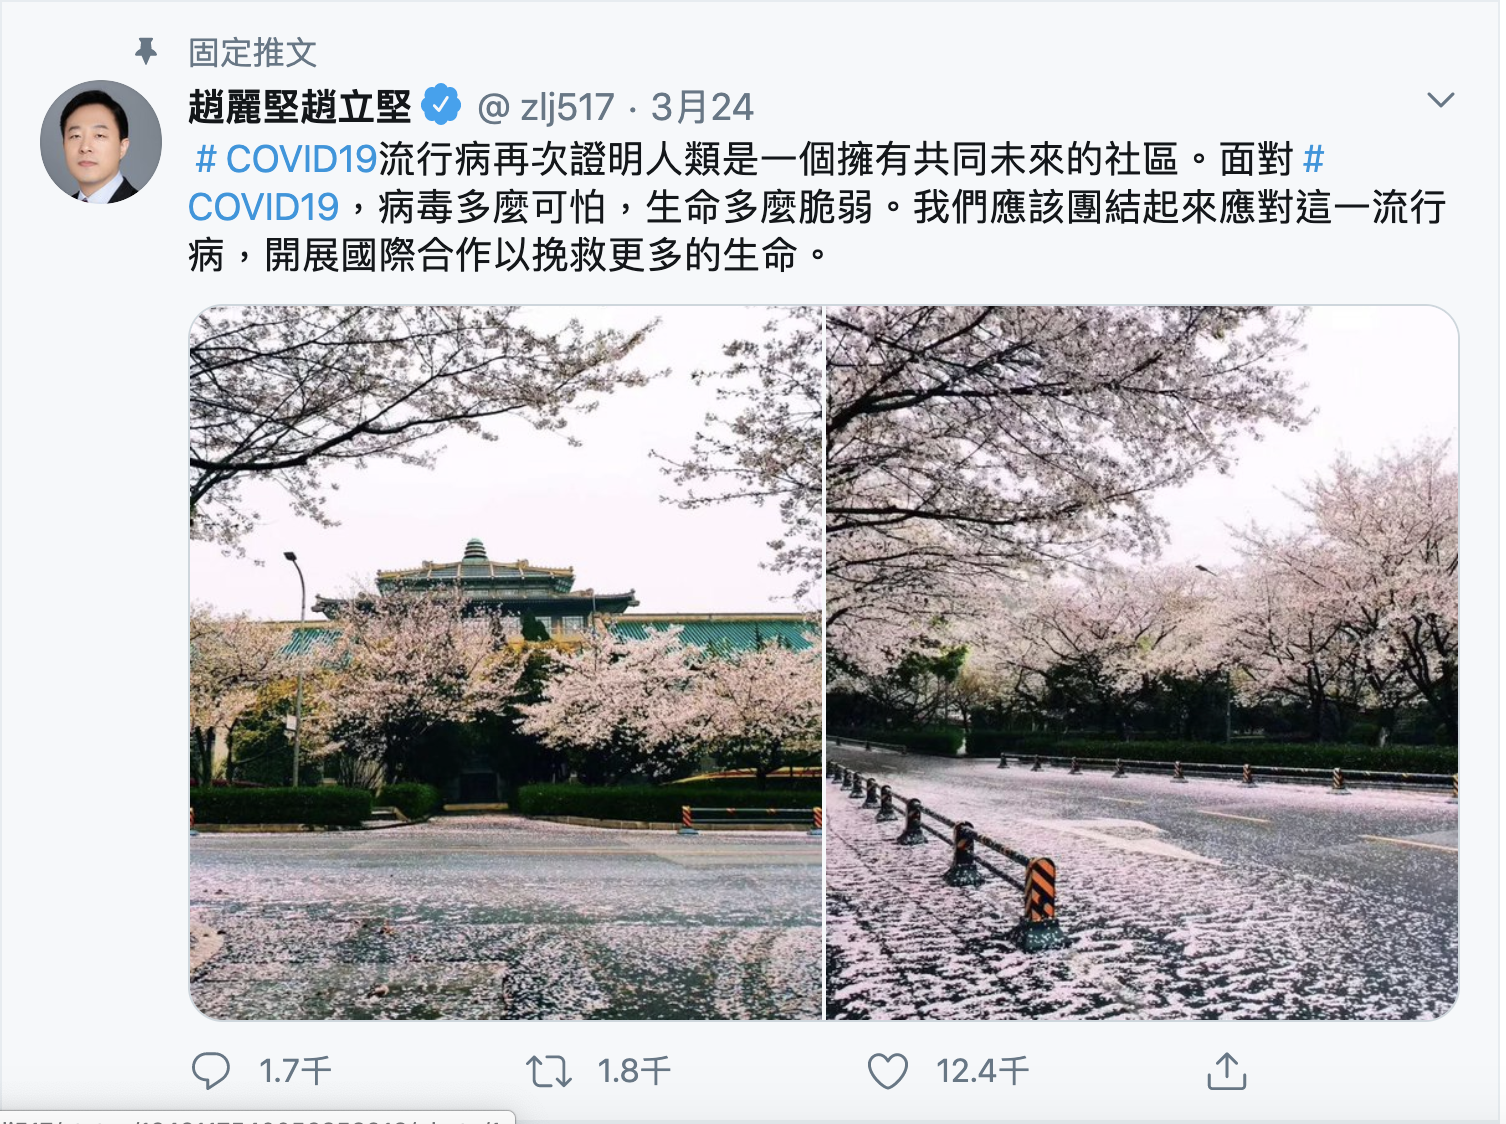 24日,中共外交部發言人突然發了一條強調與世界各國合作共同應對疫情的推文。(網絡截圖)